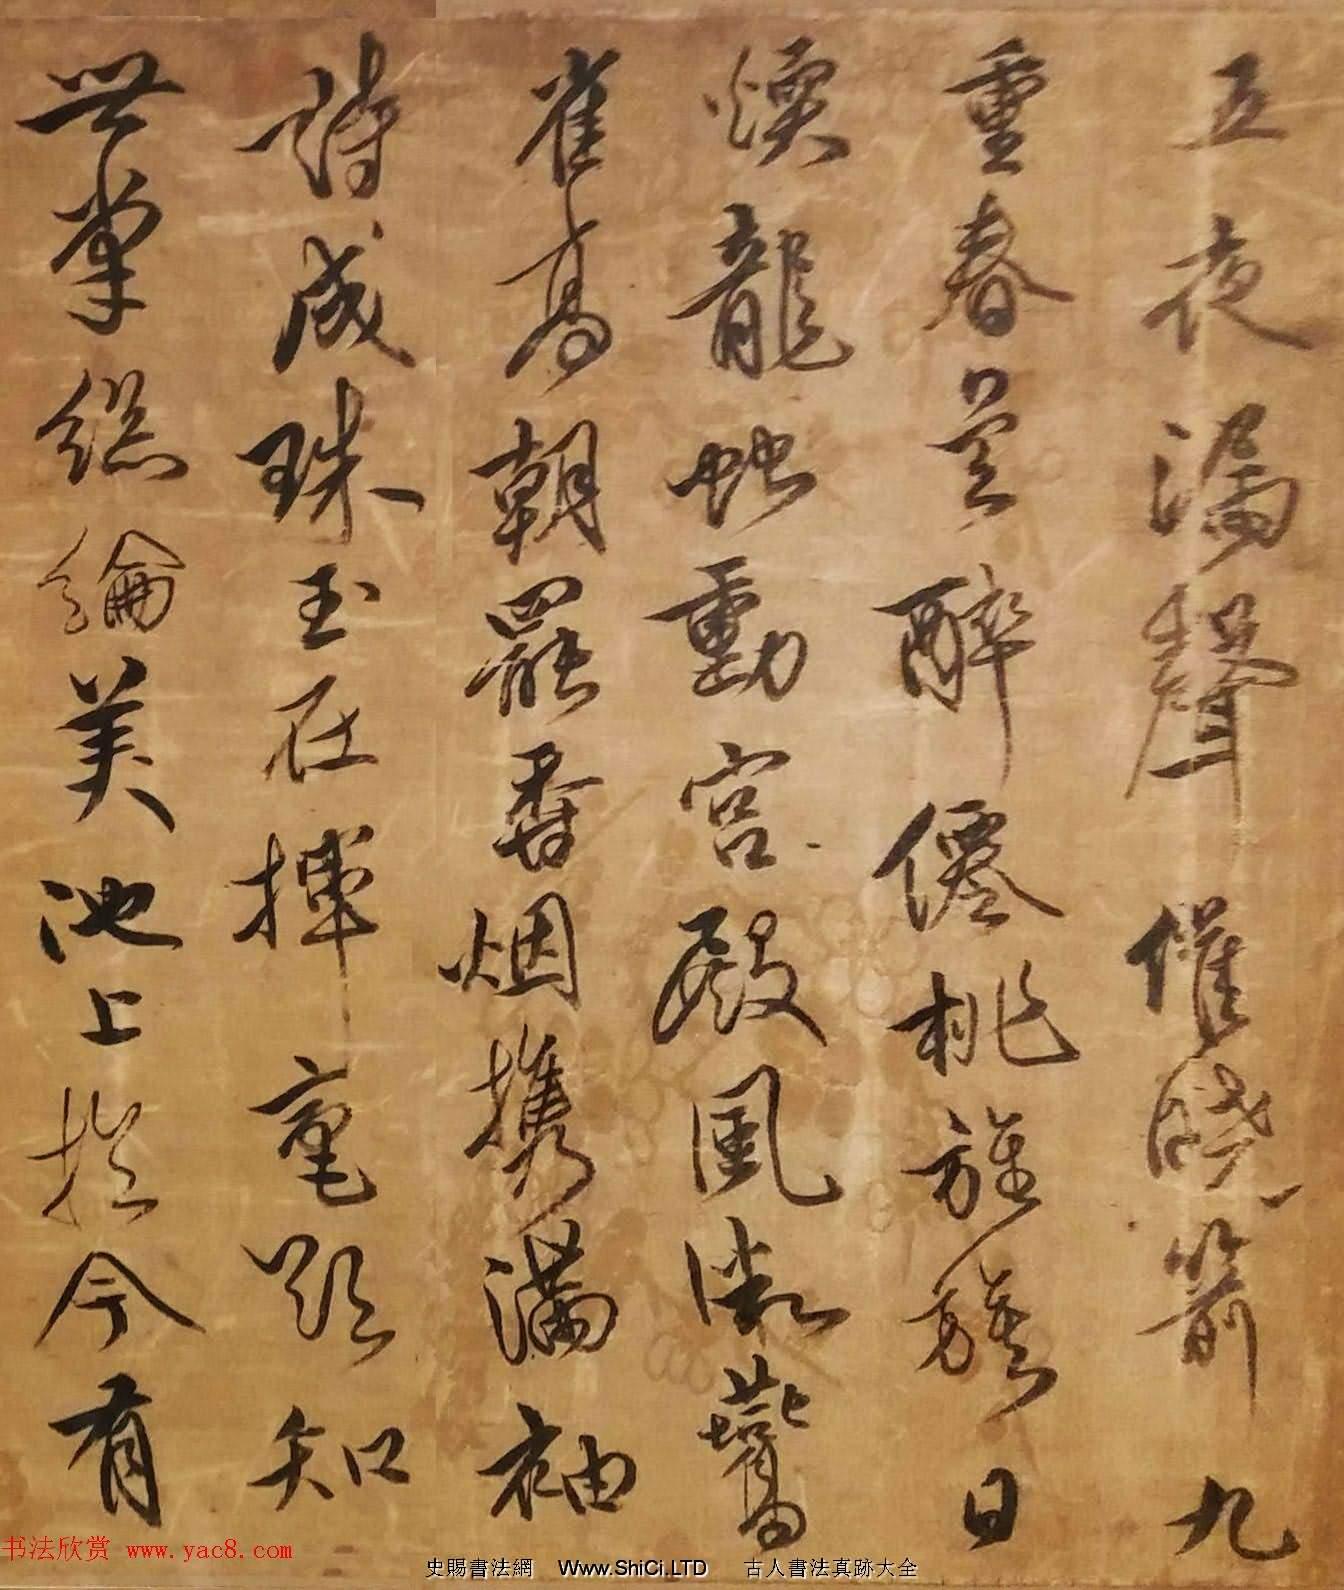 傅山行書作品欣賞《杜甫和賈舍人大明宮詩》